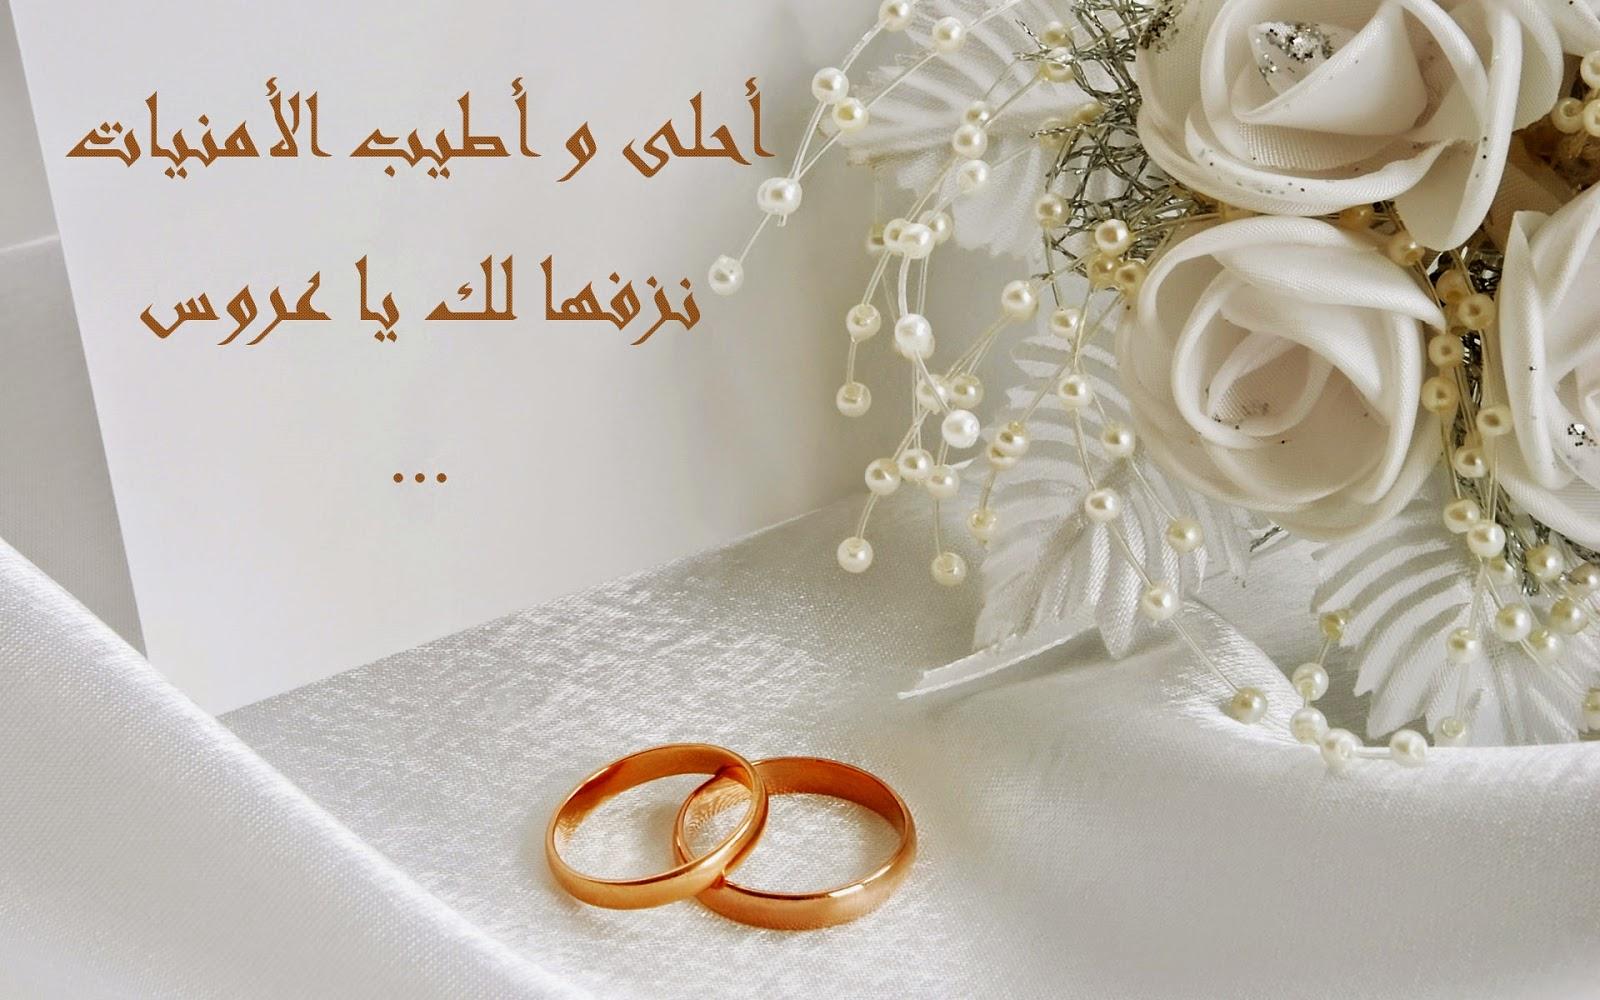 صور عبارات تهنئه للعروس قصيره , لتهنئه كل عروس جديده